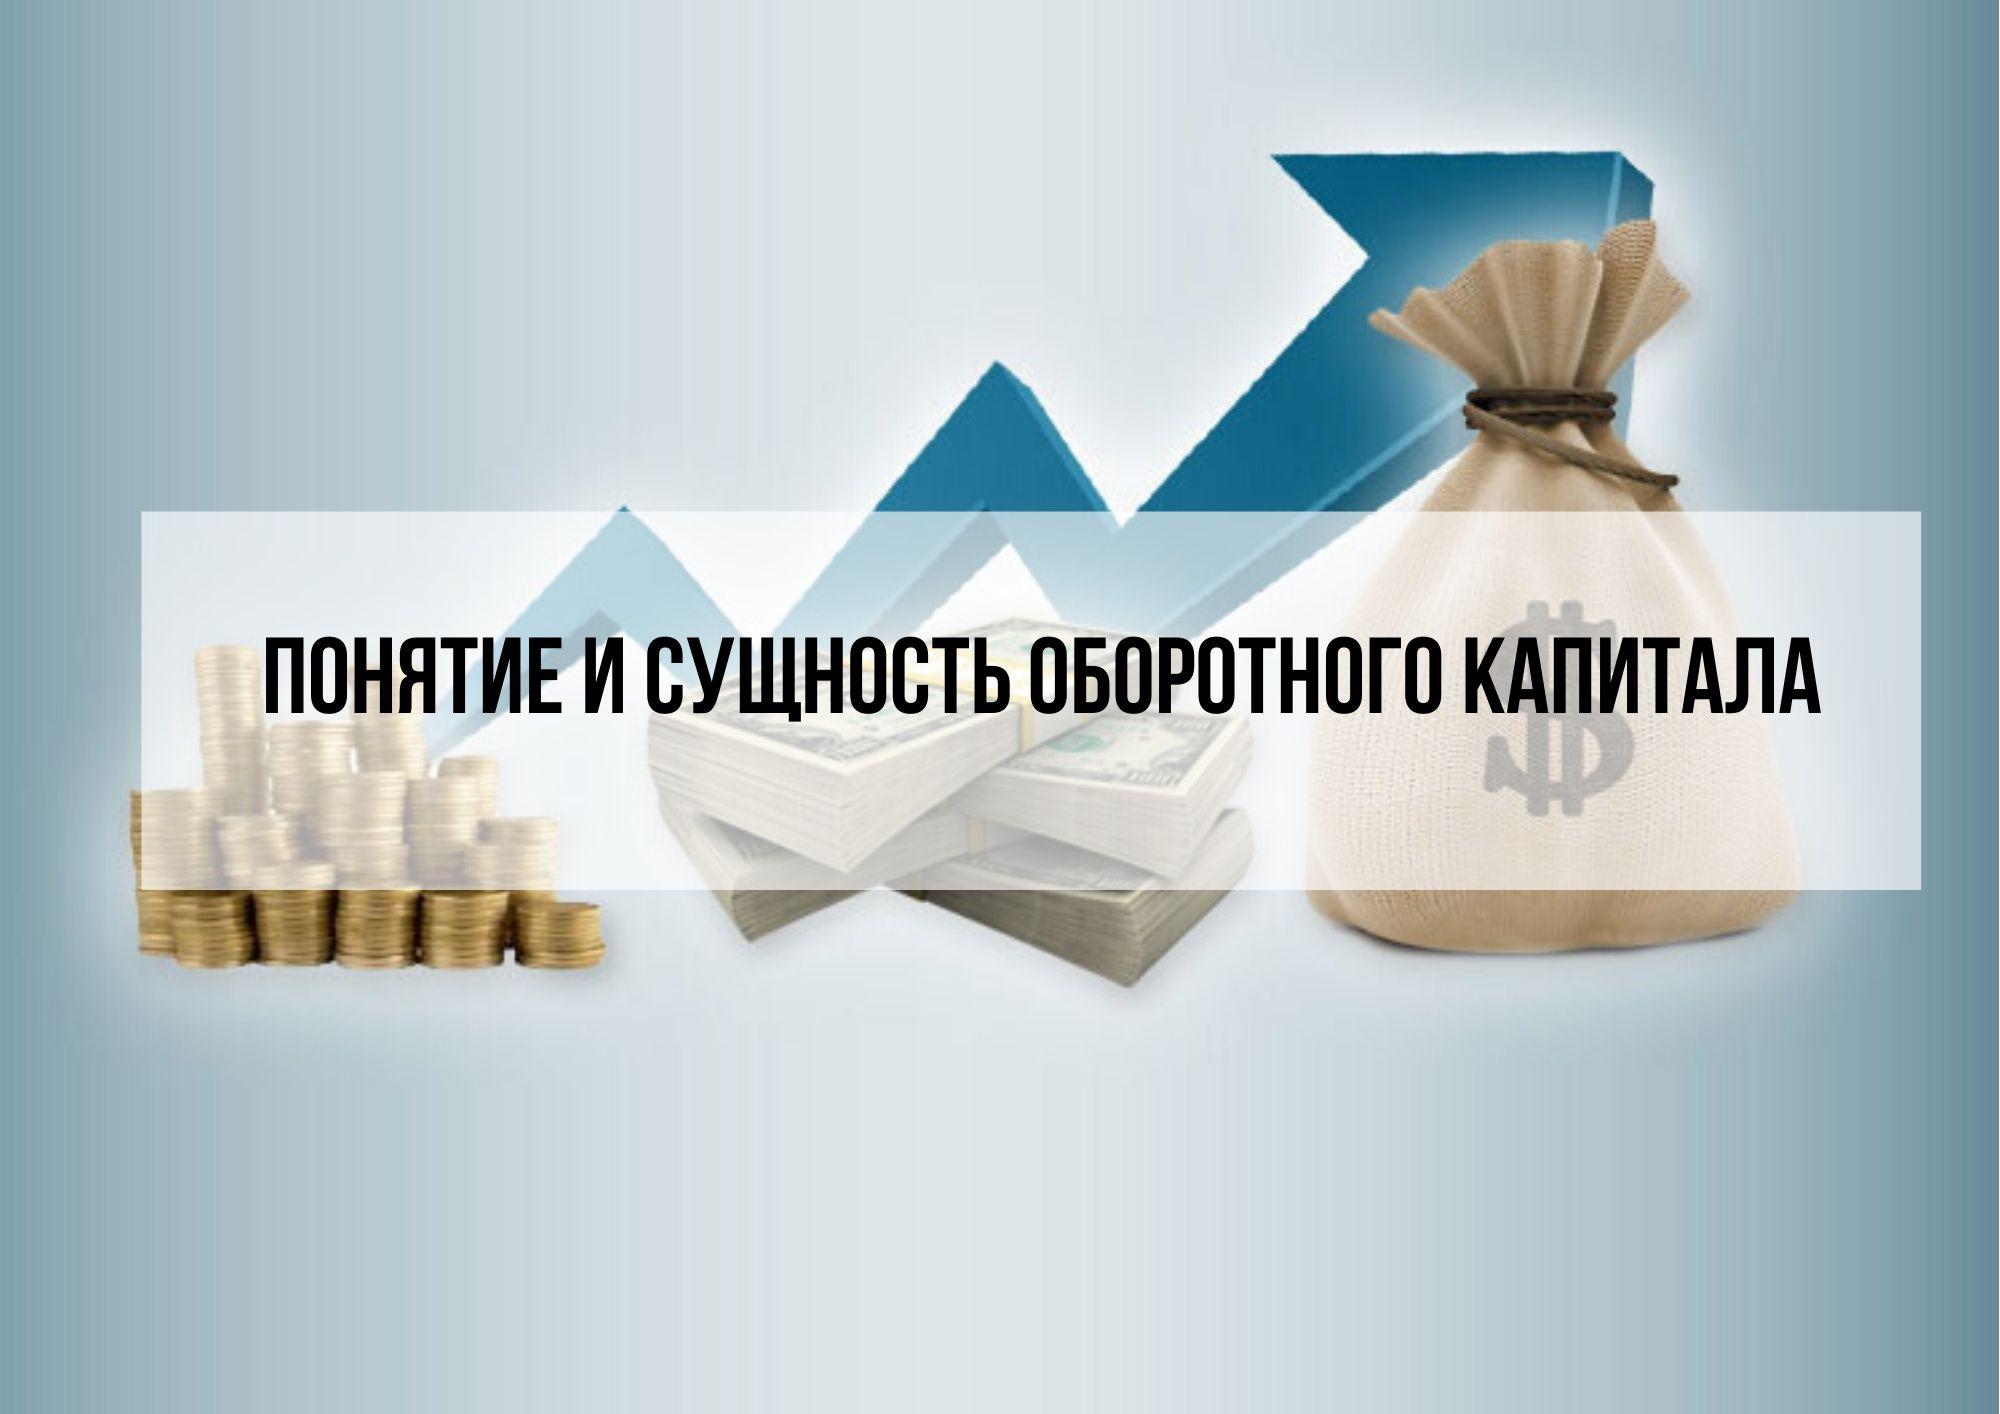 Понятие и сущность оборотного капитала